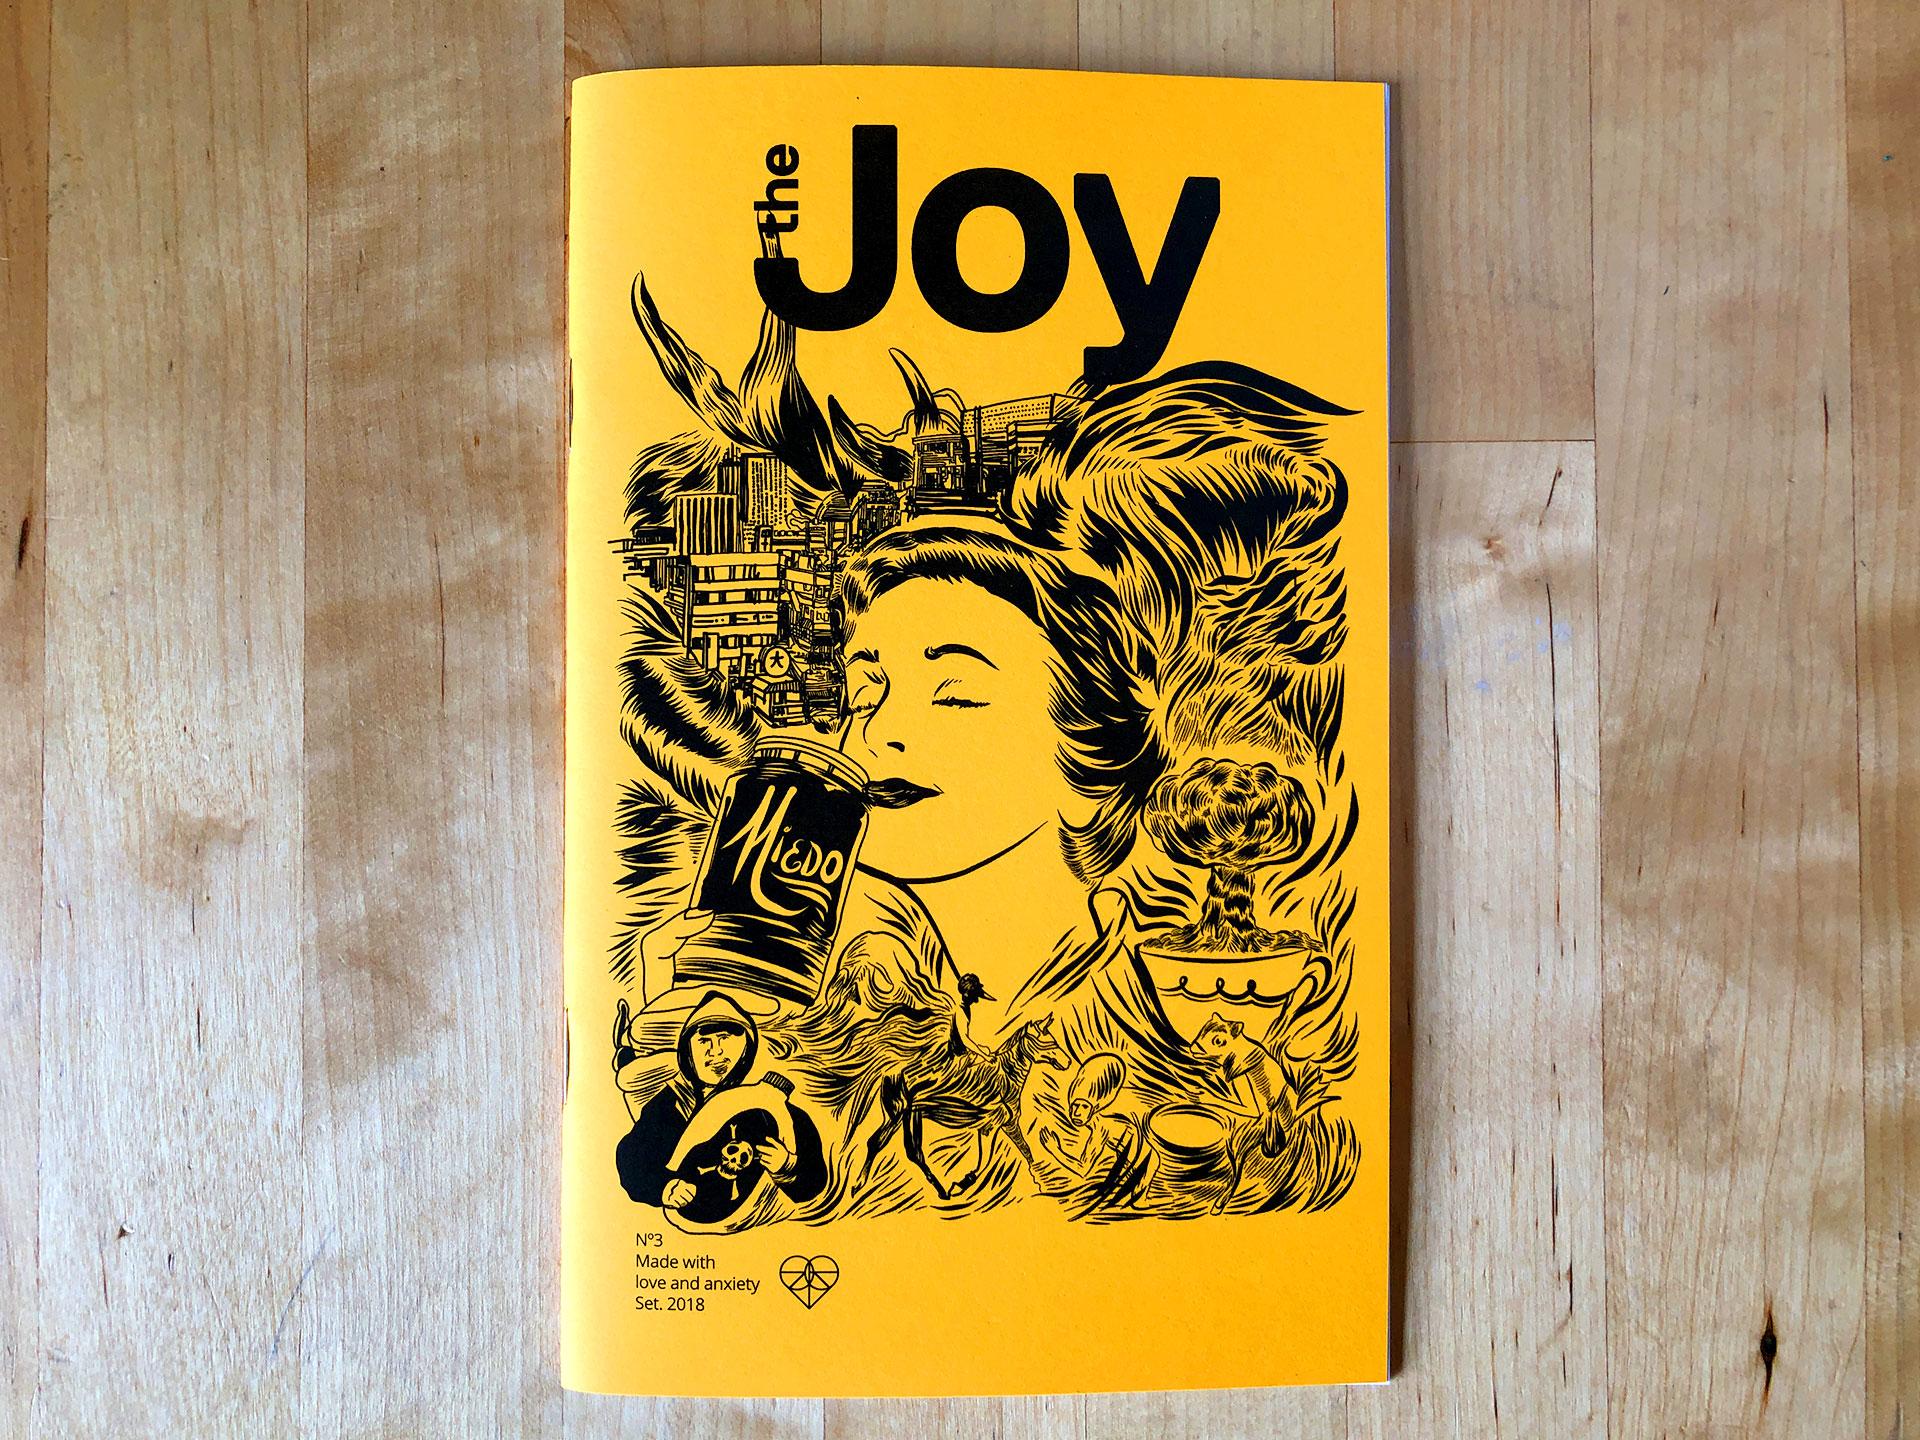 TheJoy3-01.jpg